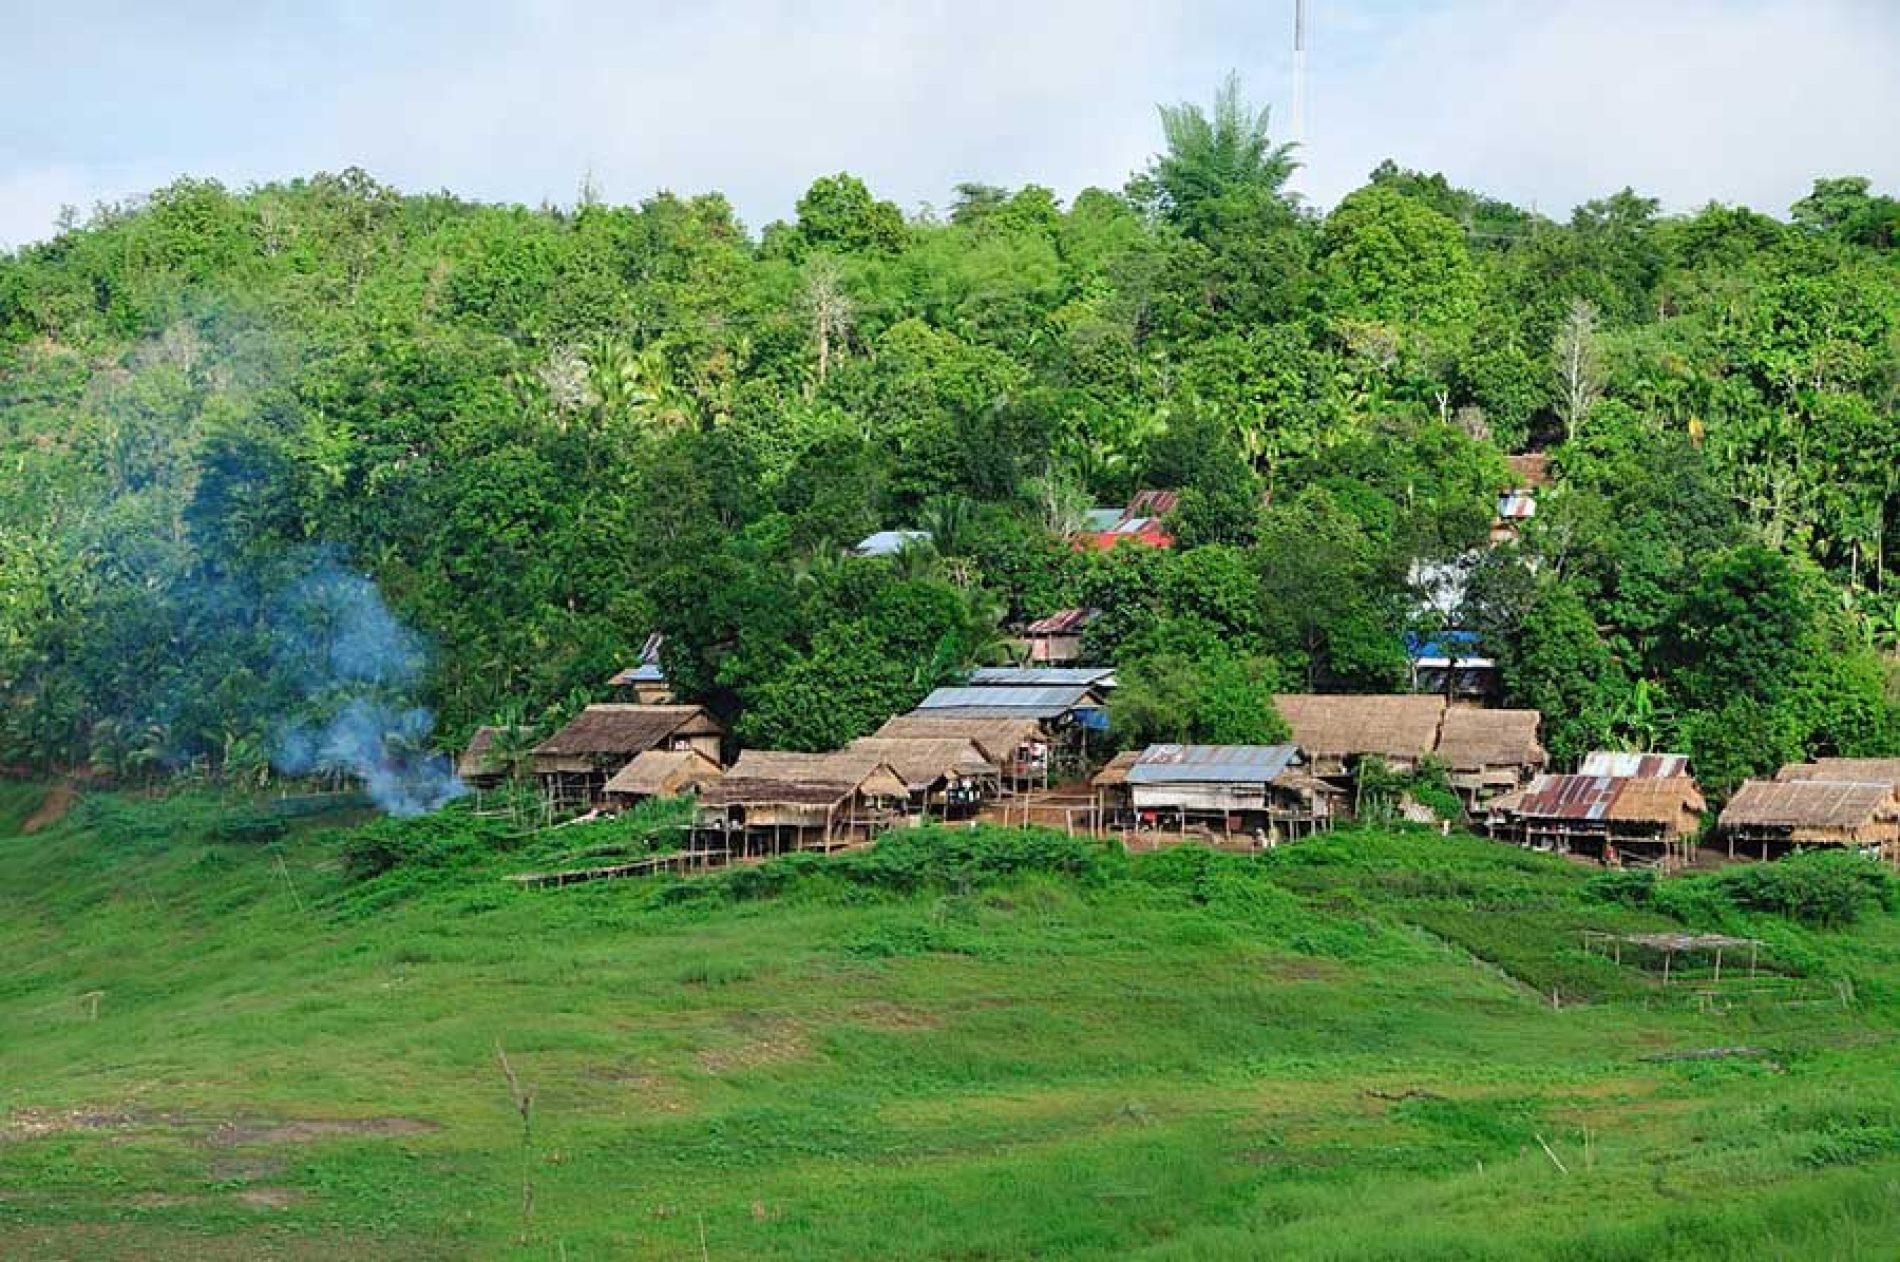 Il nord est thailandese e l'Isan